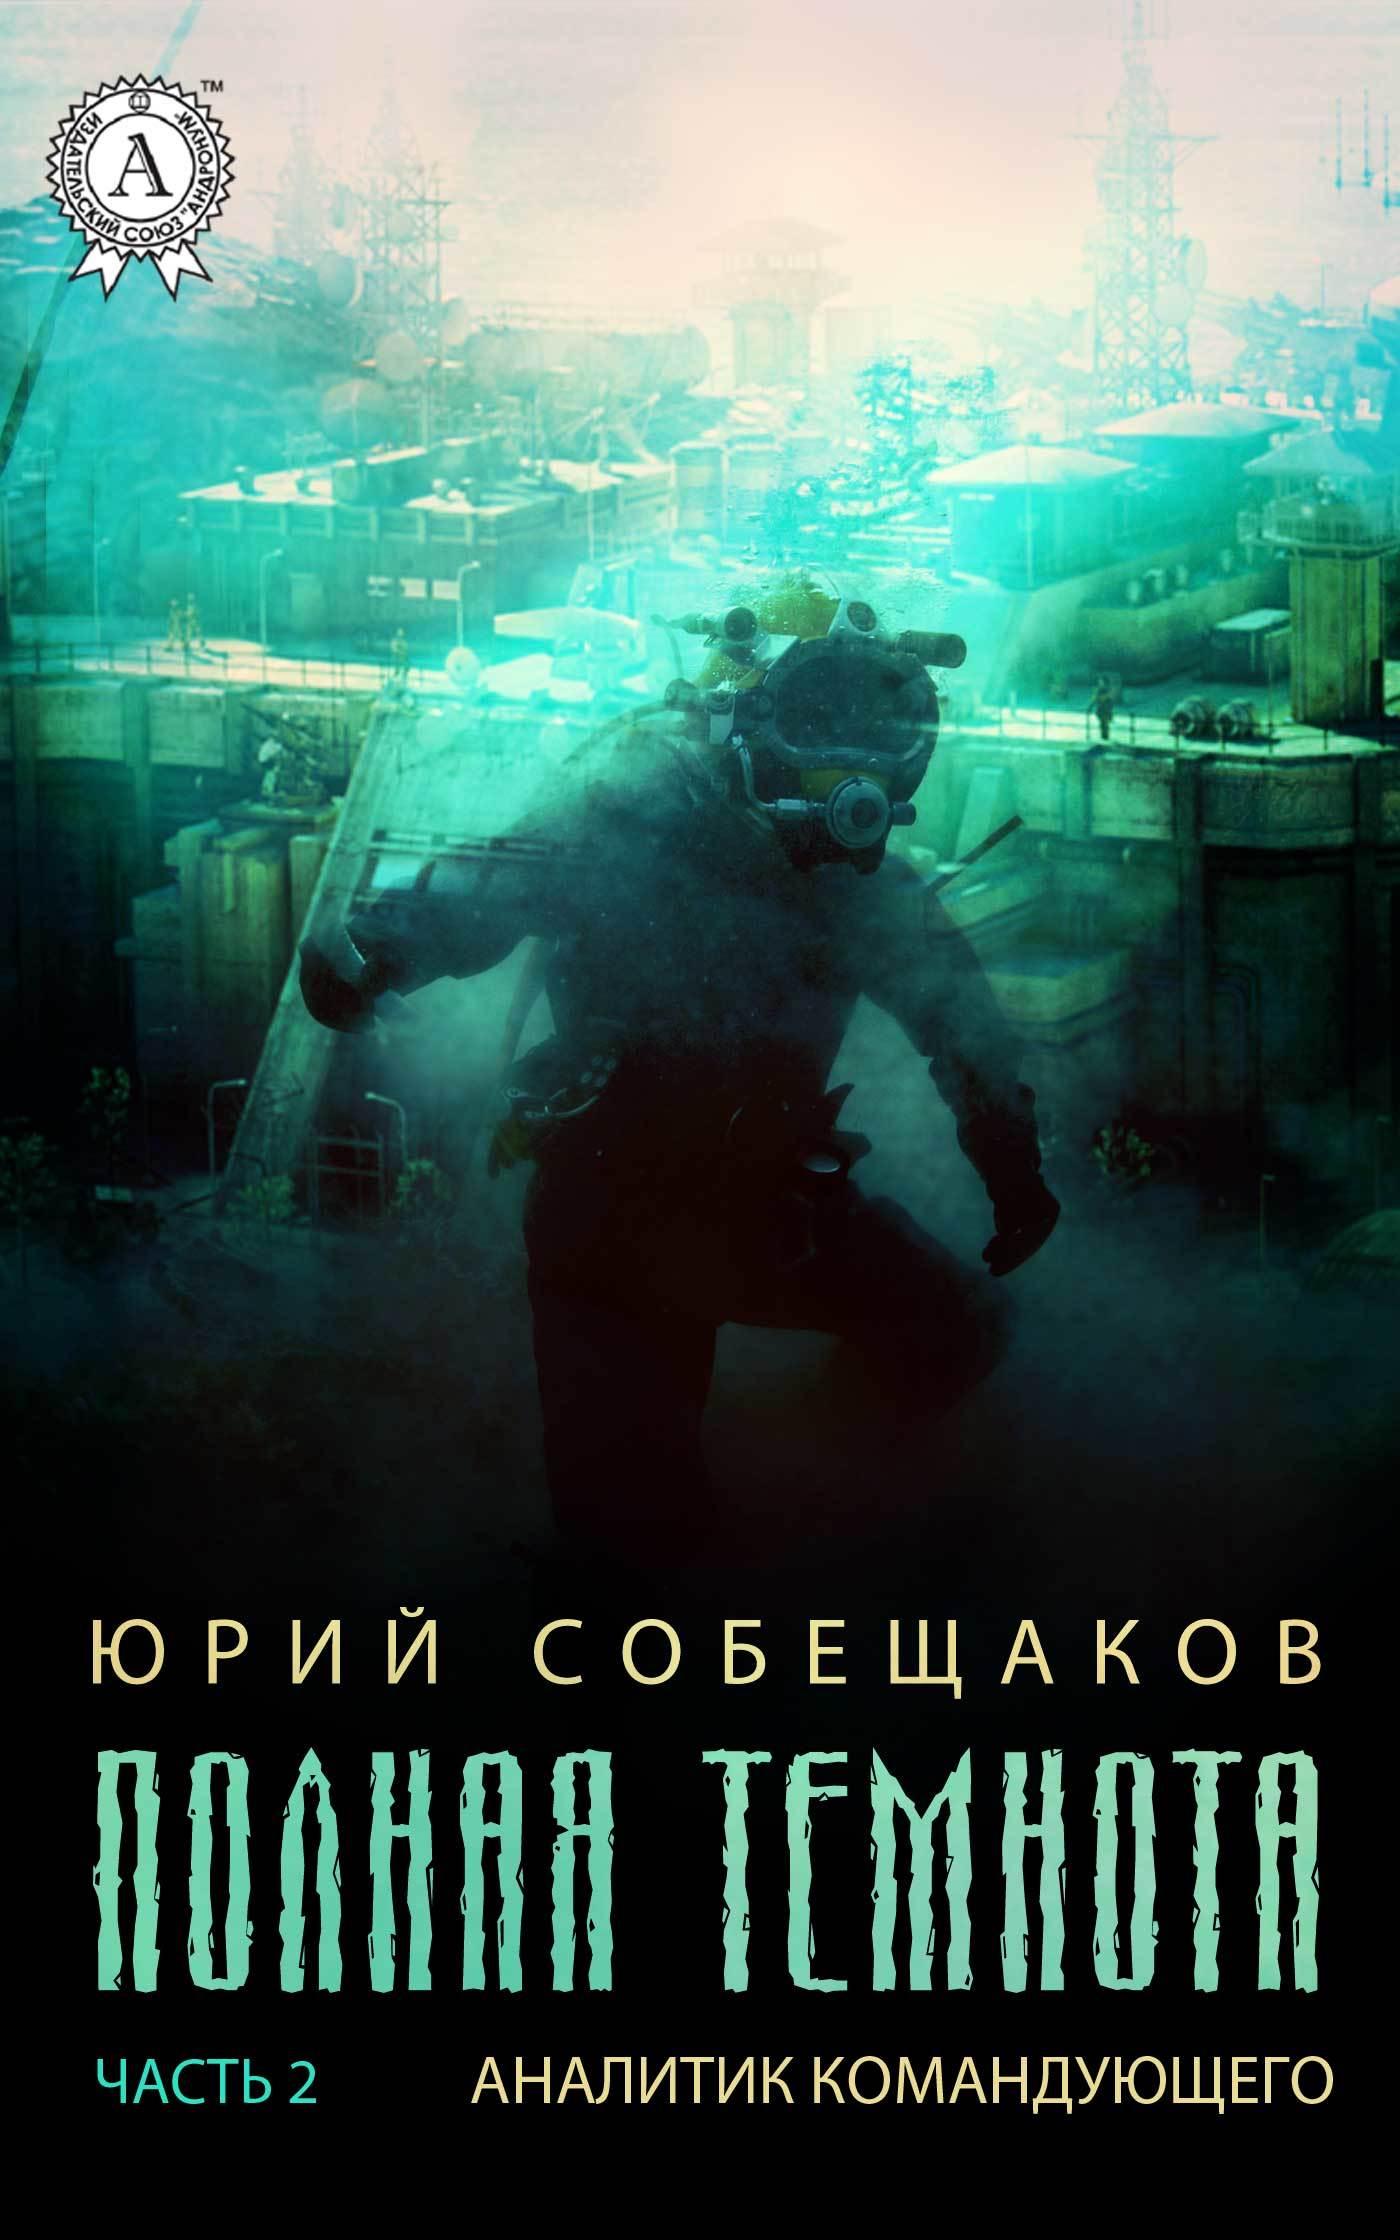 Юрий Собещаков - Аналитик командующего